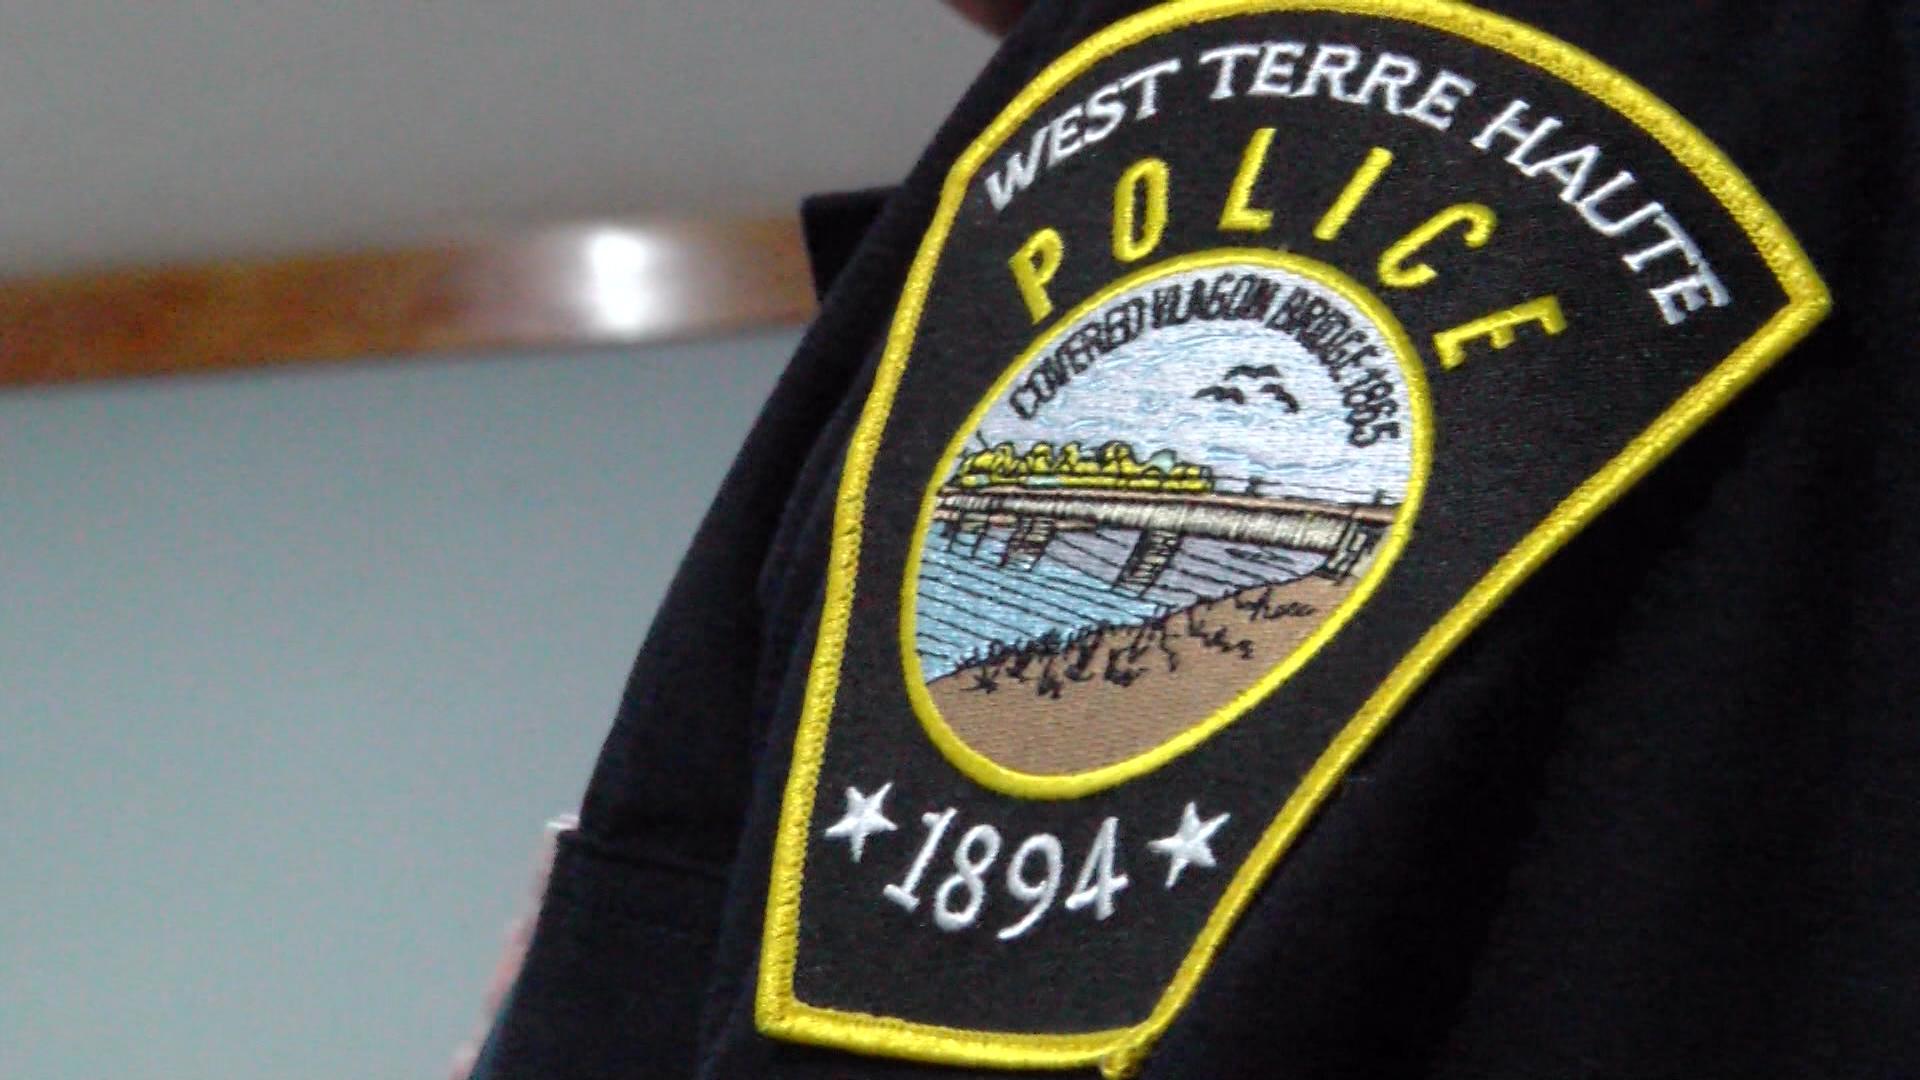 WEST T POLICE OFFICERS_1543292913173.jpg.jpg